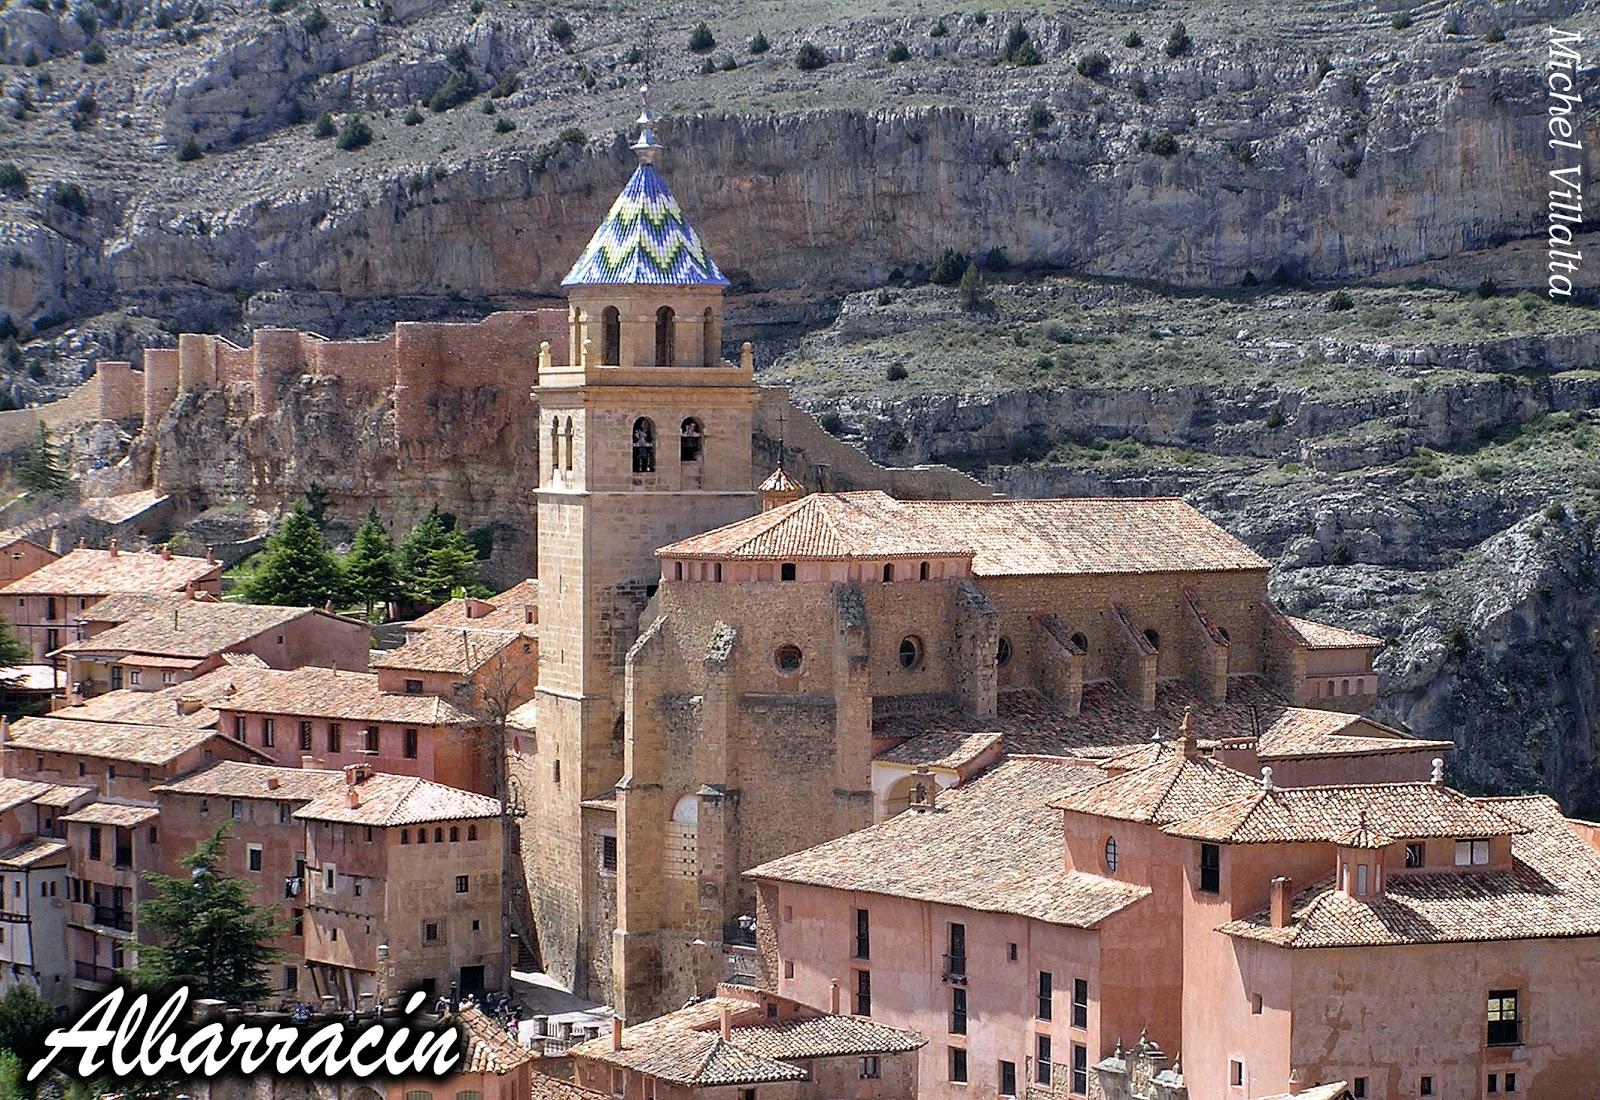 0fe315e9a13f2 Lo primero que llama la atención al llegar a Albarracín es la sutil e  inteligente integración del patrimonio cultural y natural que